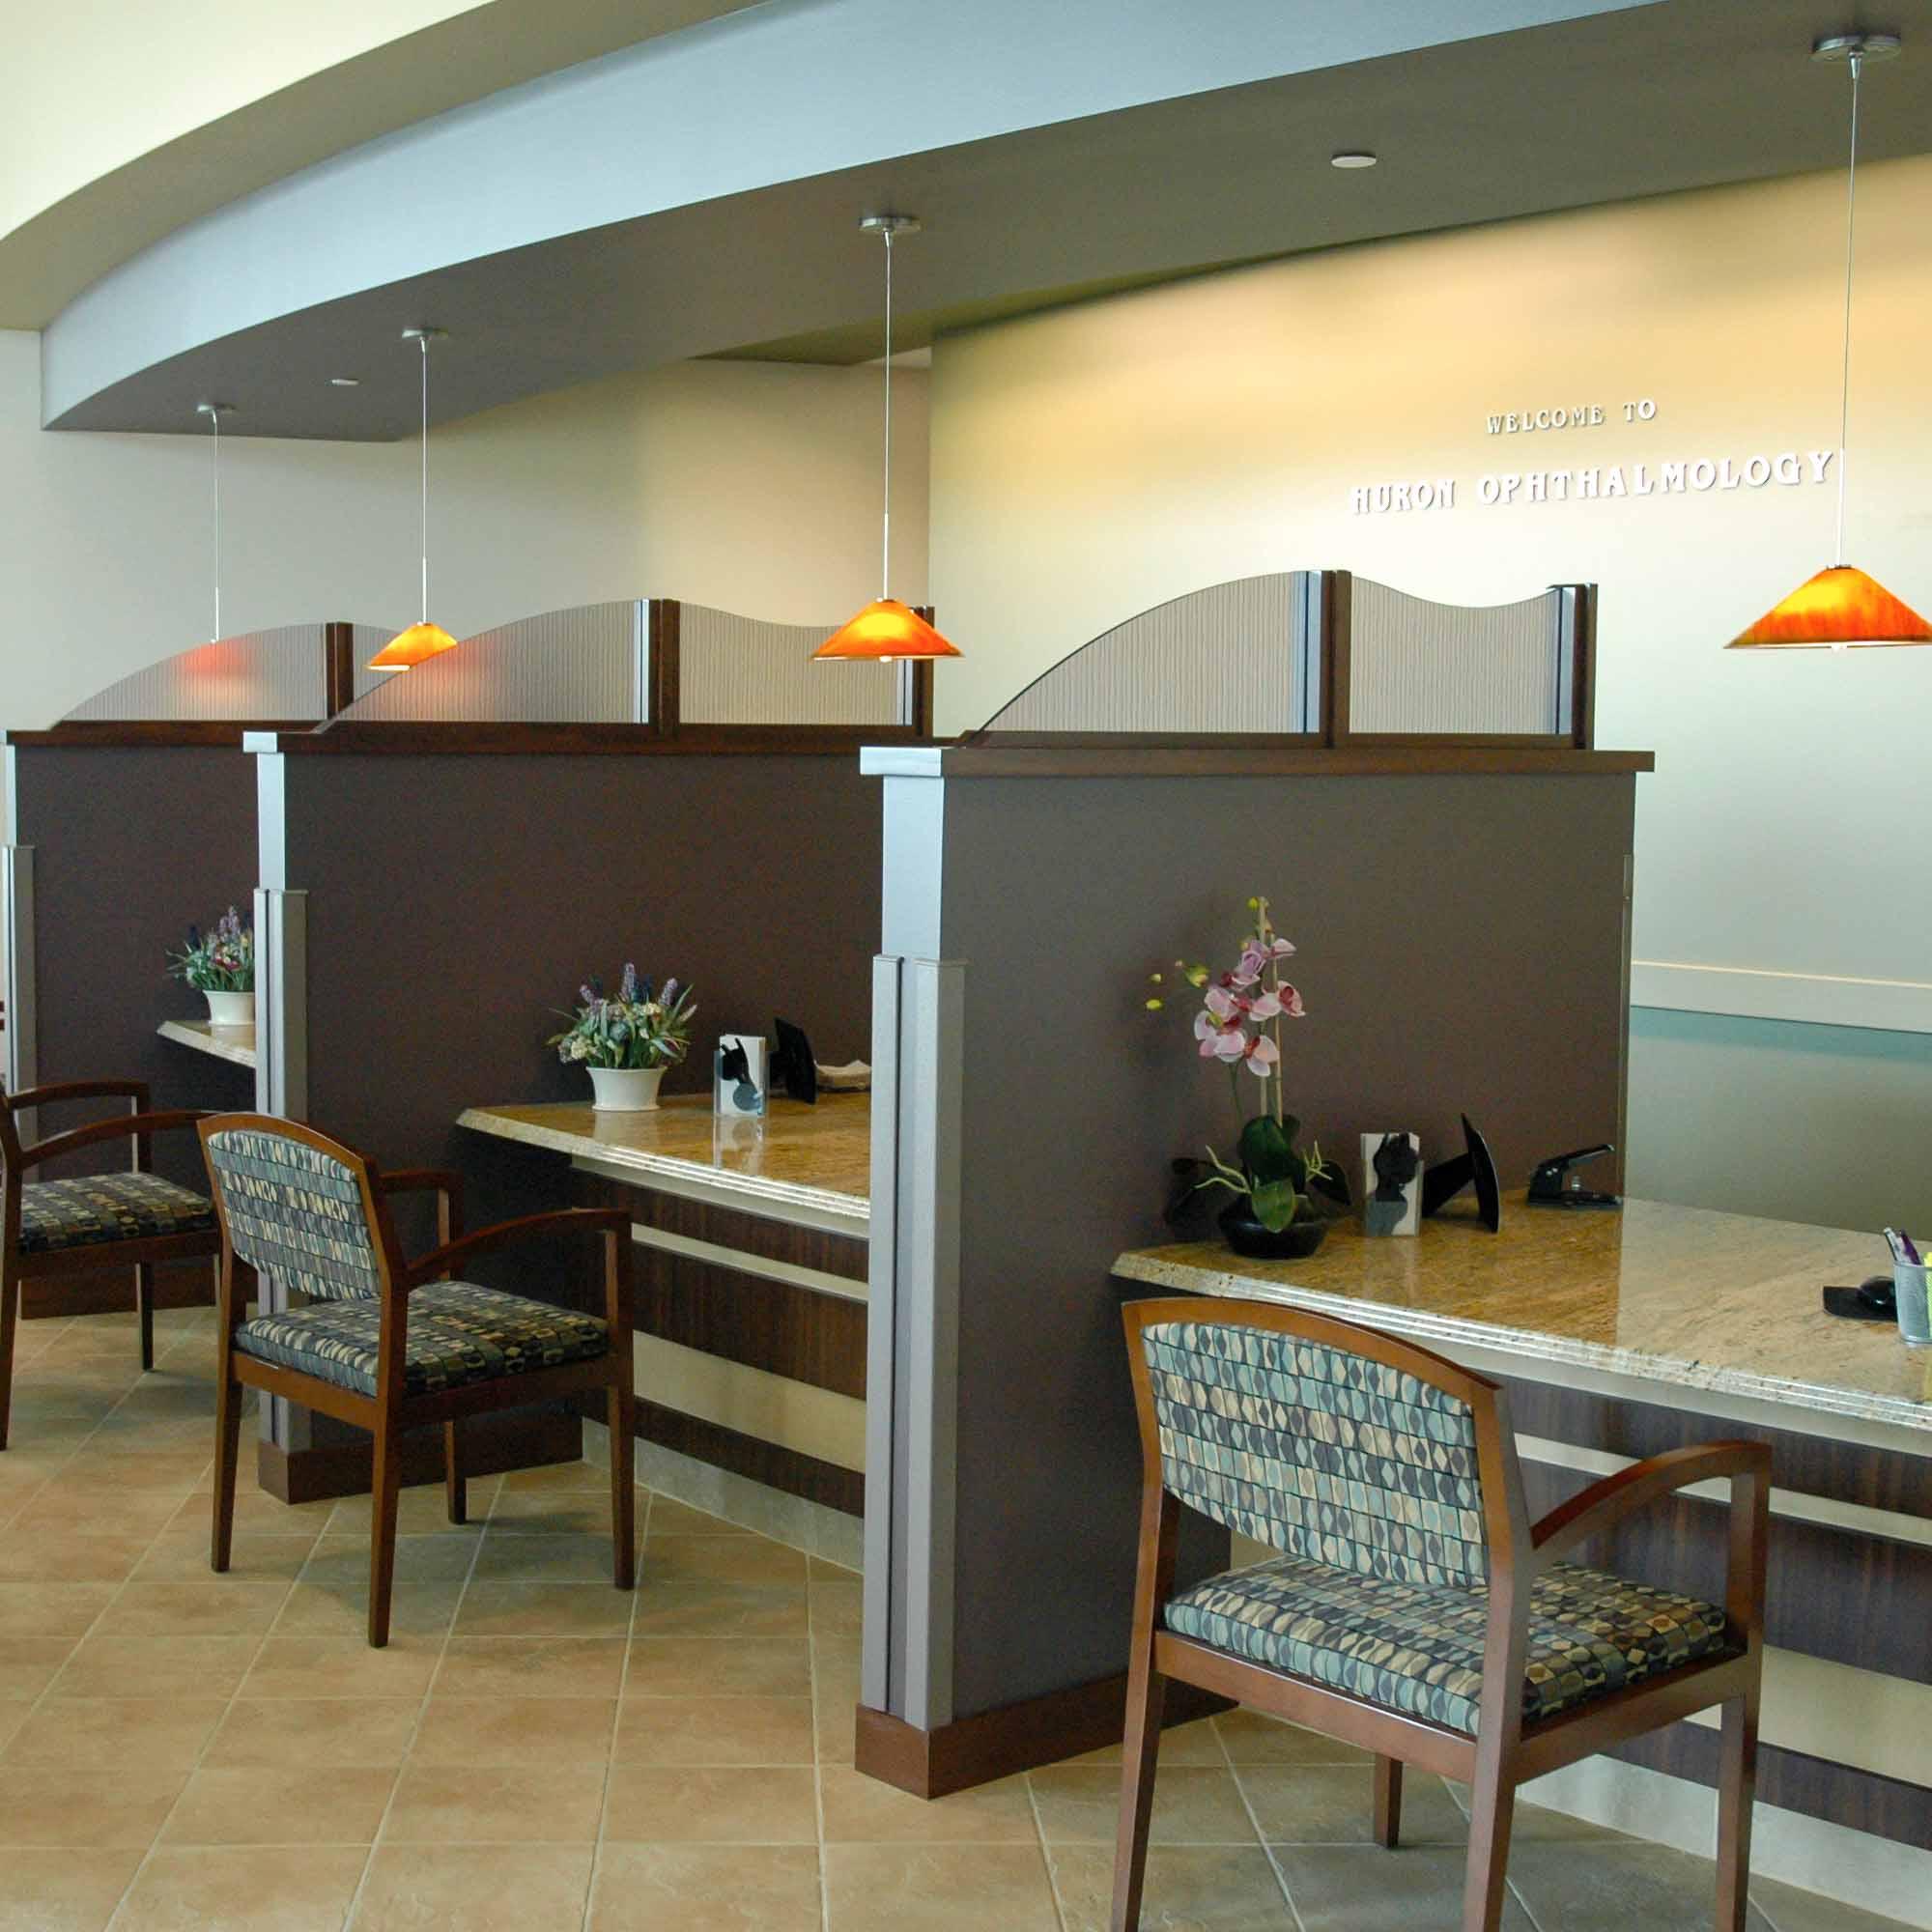 Outpatient Reception